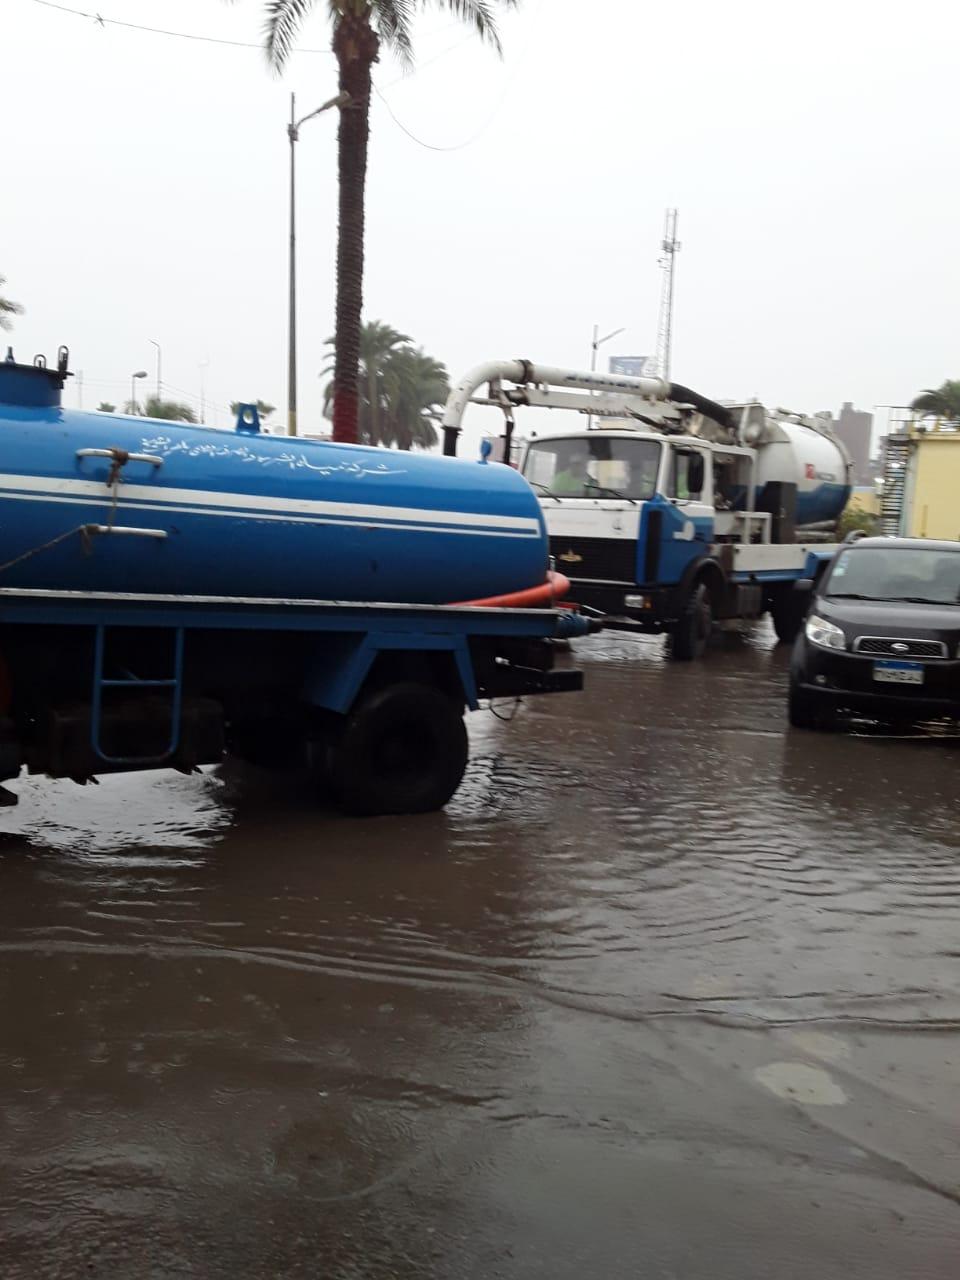 دفع سيارات شفط إضافية بكفر الشيخ والإسكندرية لسرعة إزالة مياه الأمطار (5)